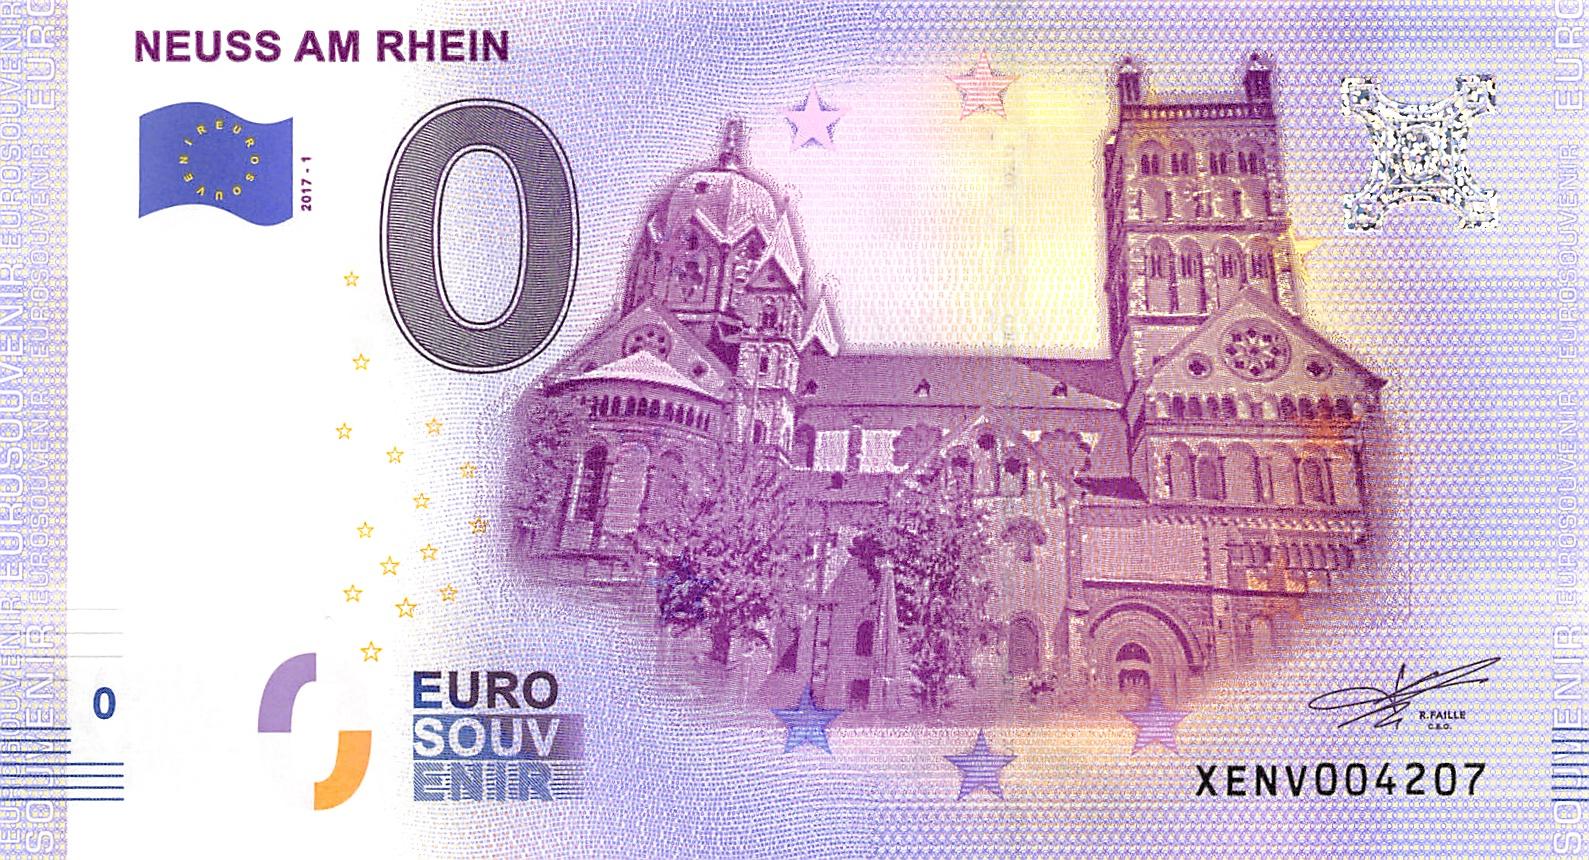 Deutschland 0-Euro Schein 2017-1 NEUSS AM RHEIN - 1.jpeg